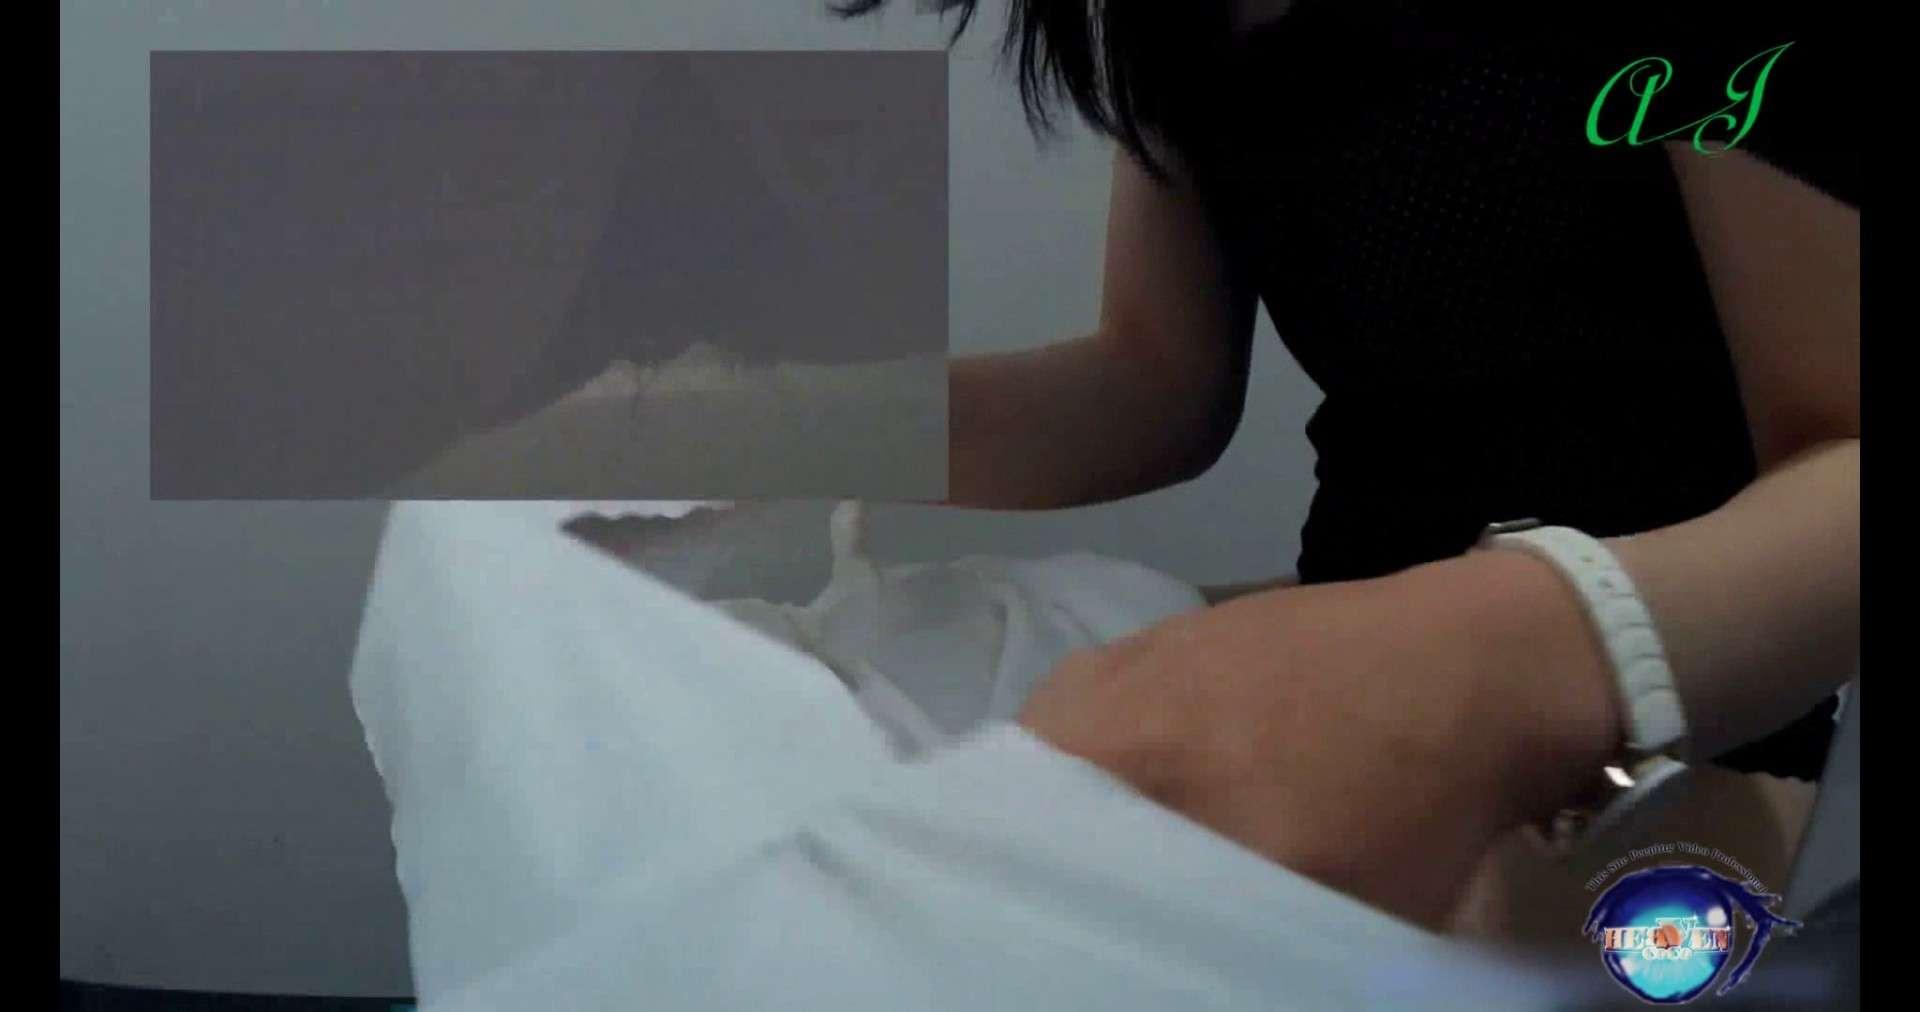 素敵なパンストお姉さん 有名大学女性洗面所 vol.73 盗撮 おまんこ無修正動画無料 72画像 63